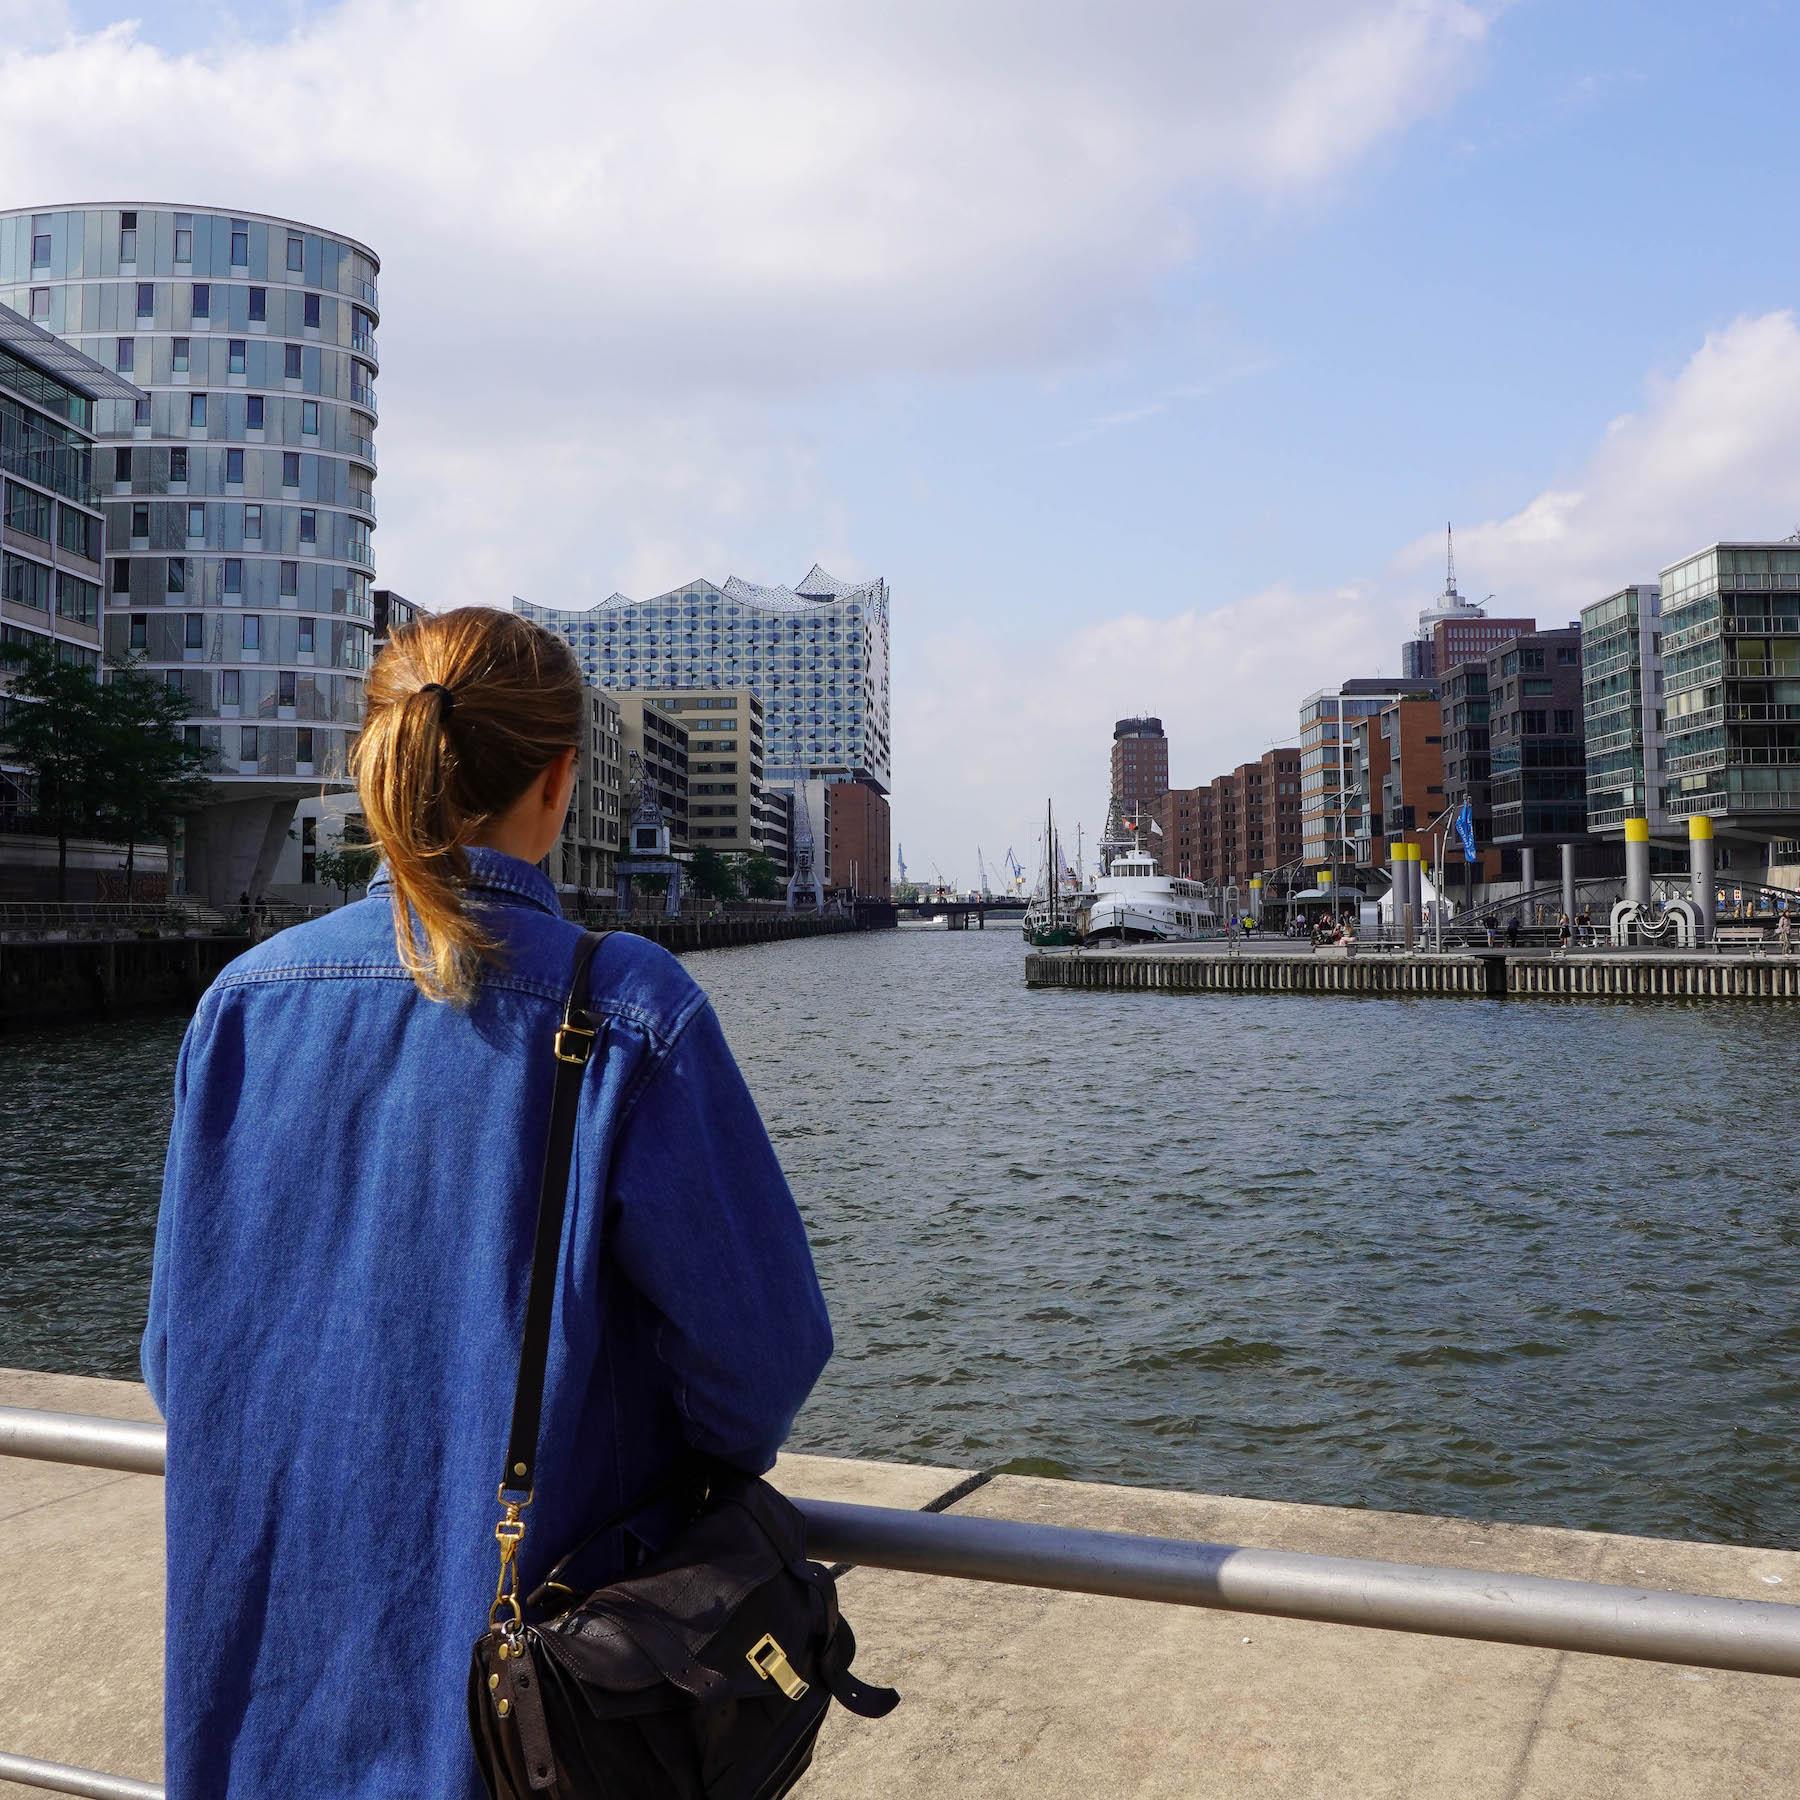 Hafencity Tipps Sue loves nyc Suelovesnyc_susan_fengler_hafencity_Tipps